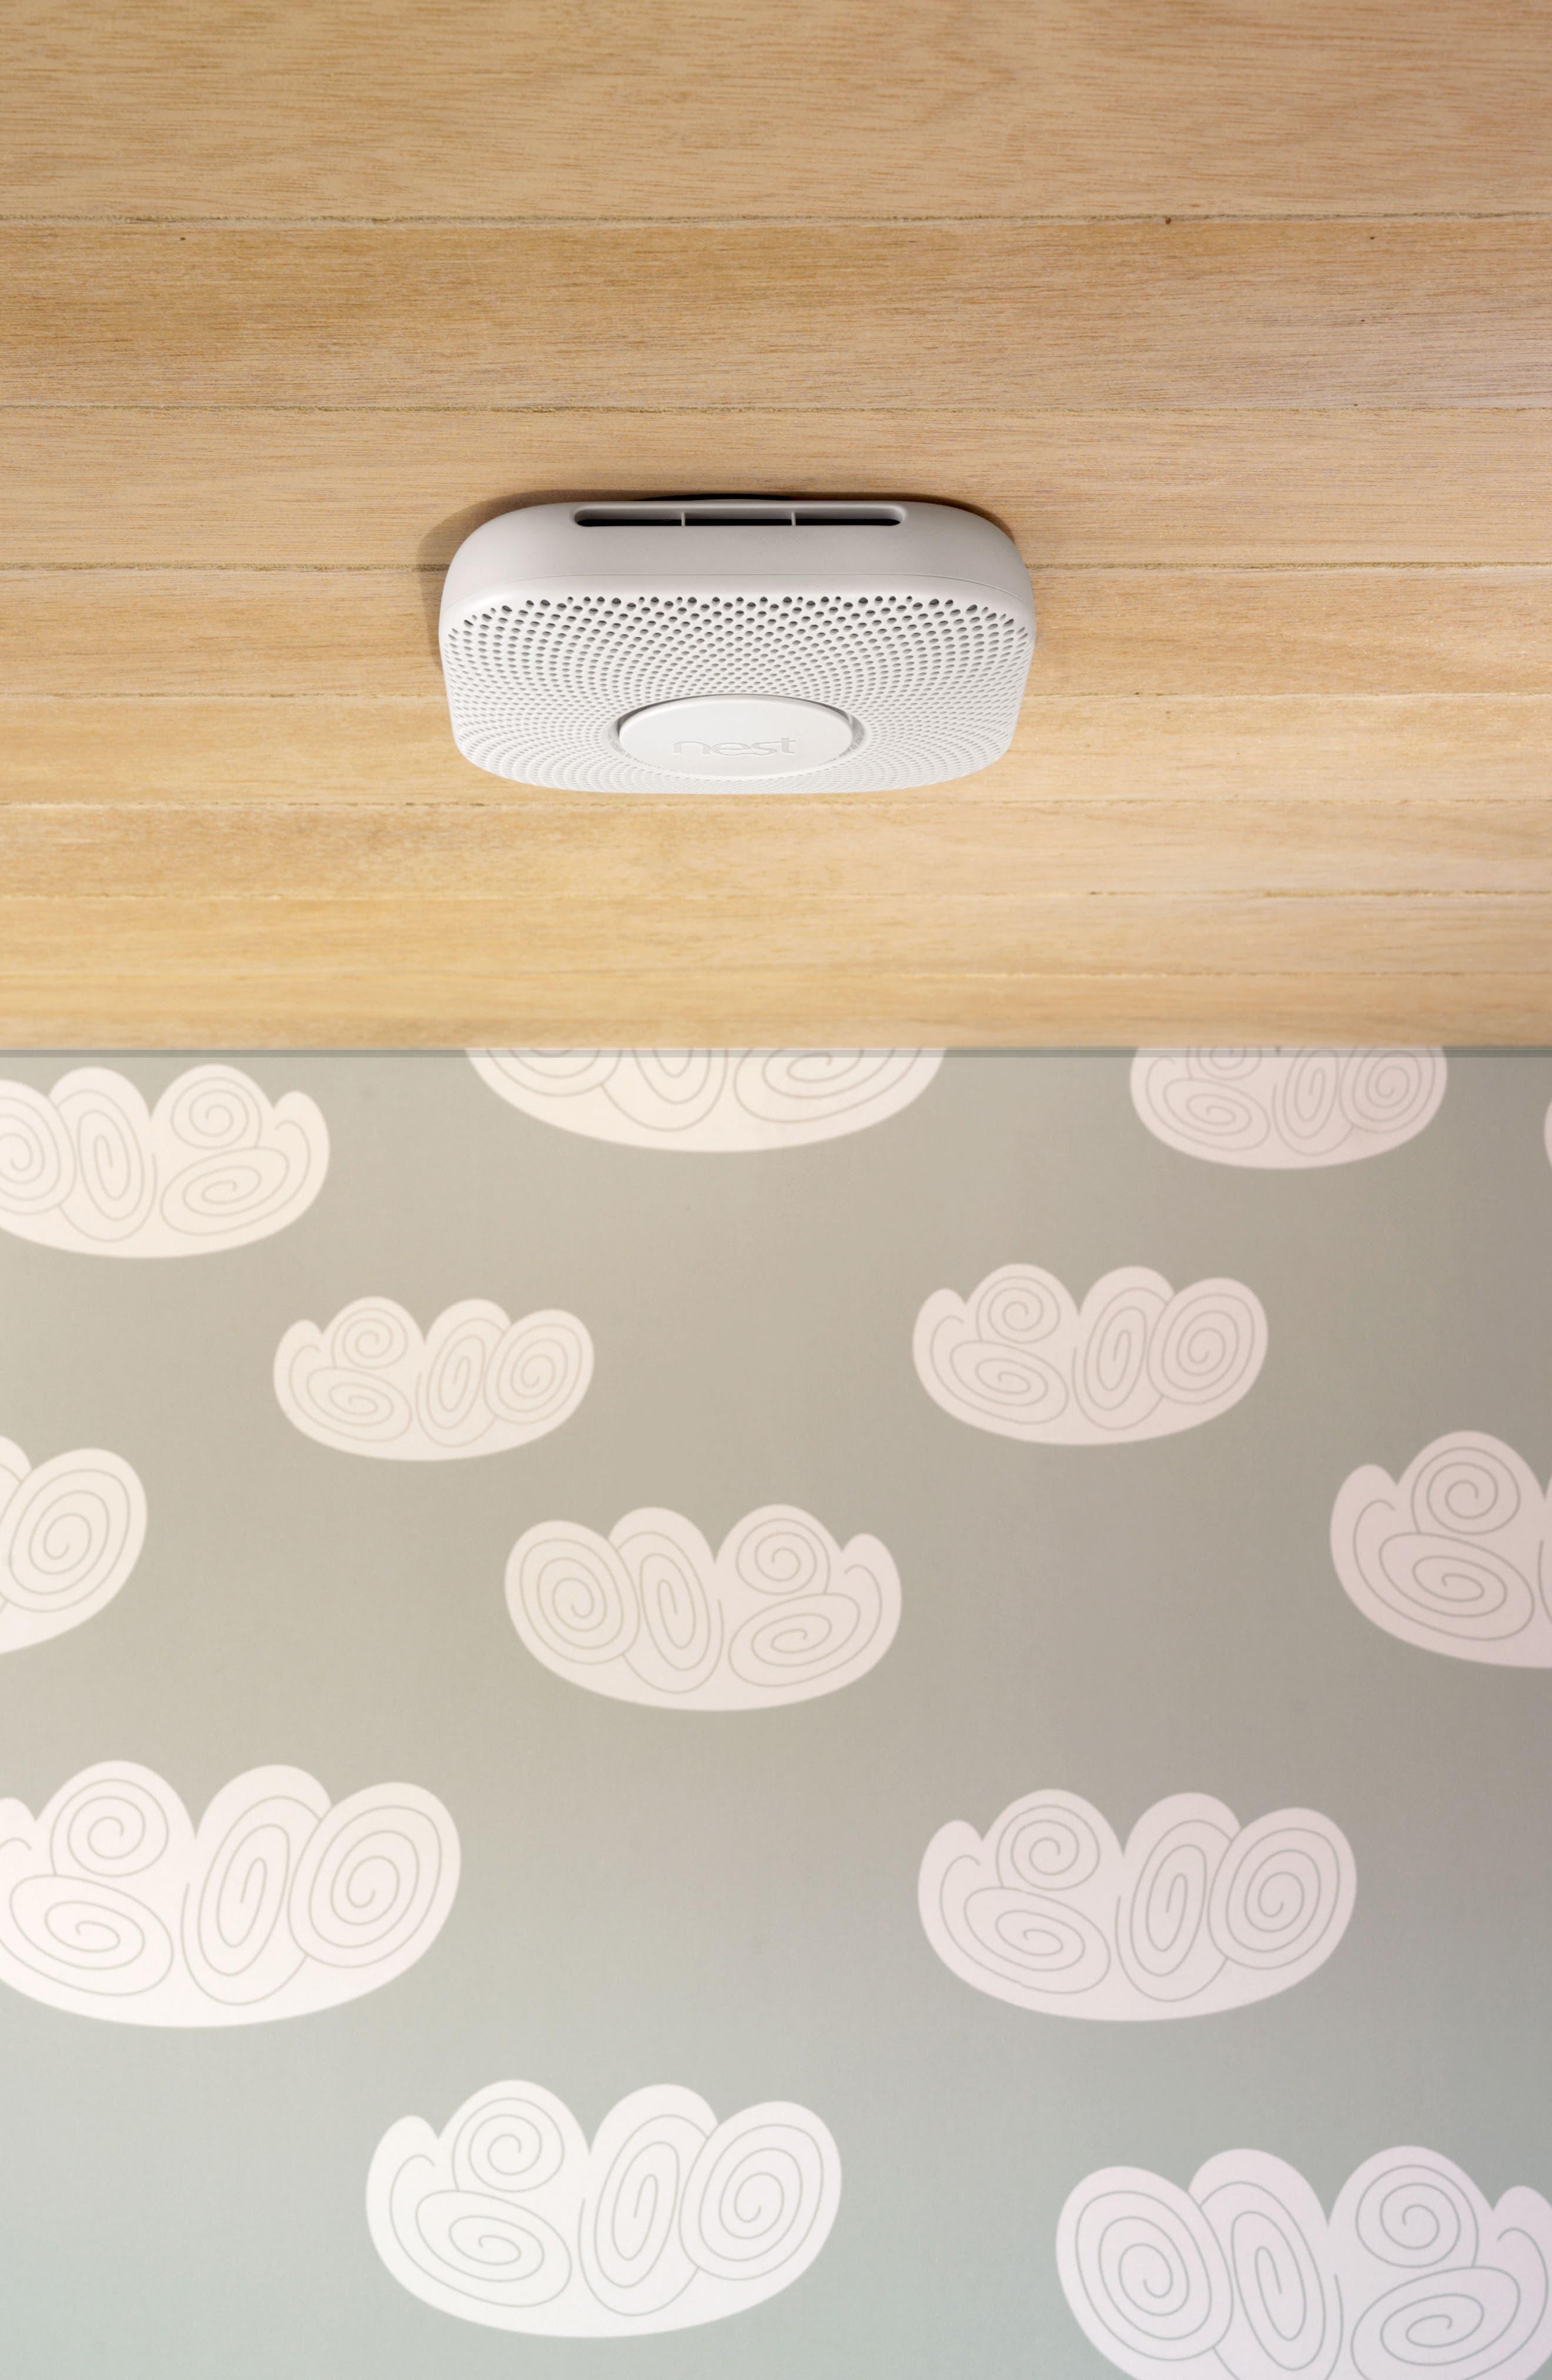 NEST, Protect Smoke & Carbon Monoxide Alarm, Alternate thumbnail 7, color, 100